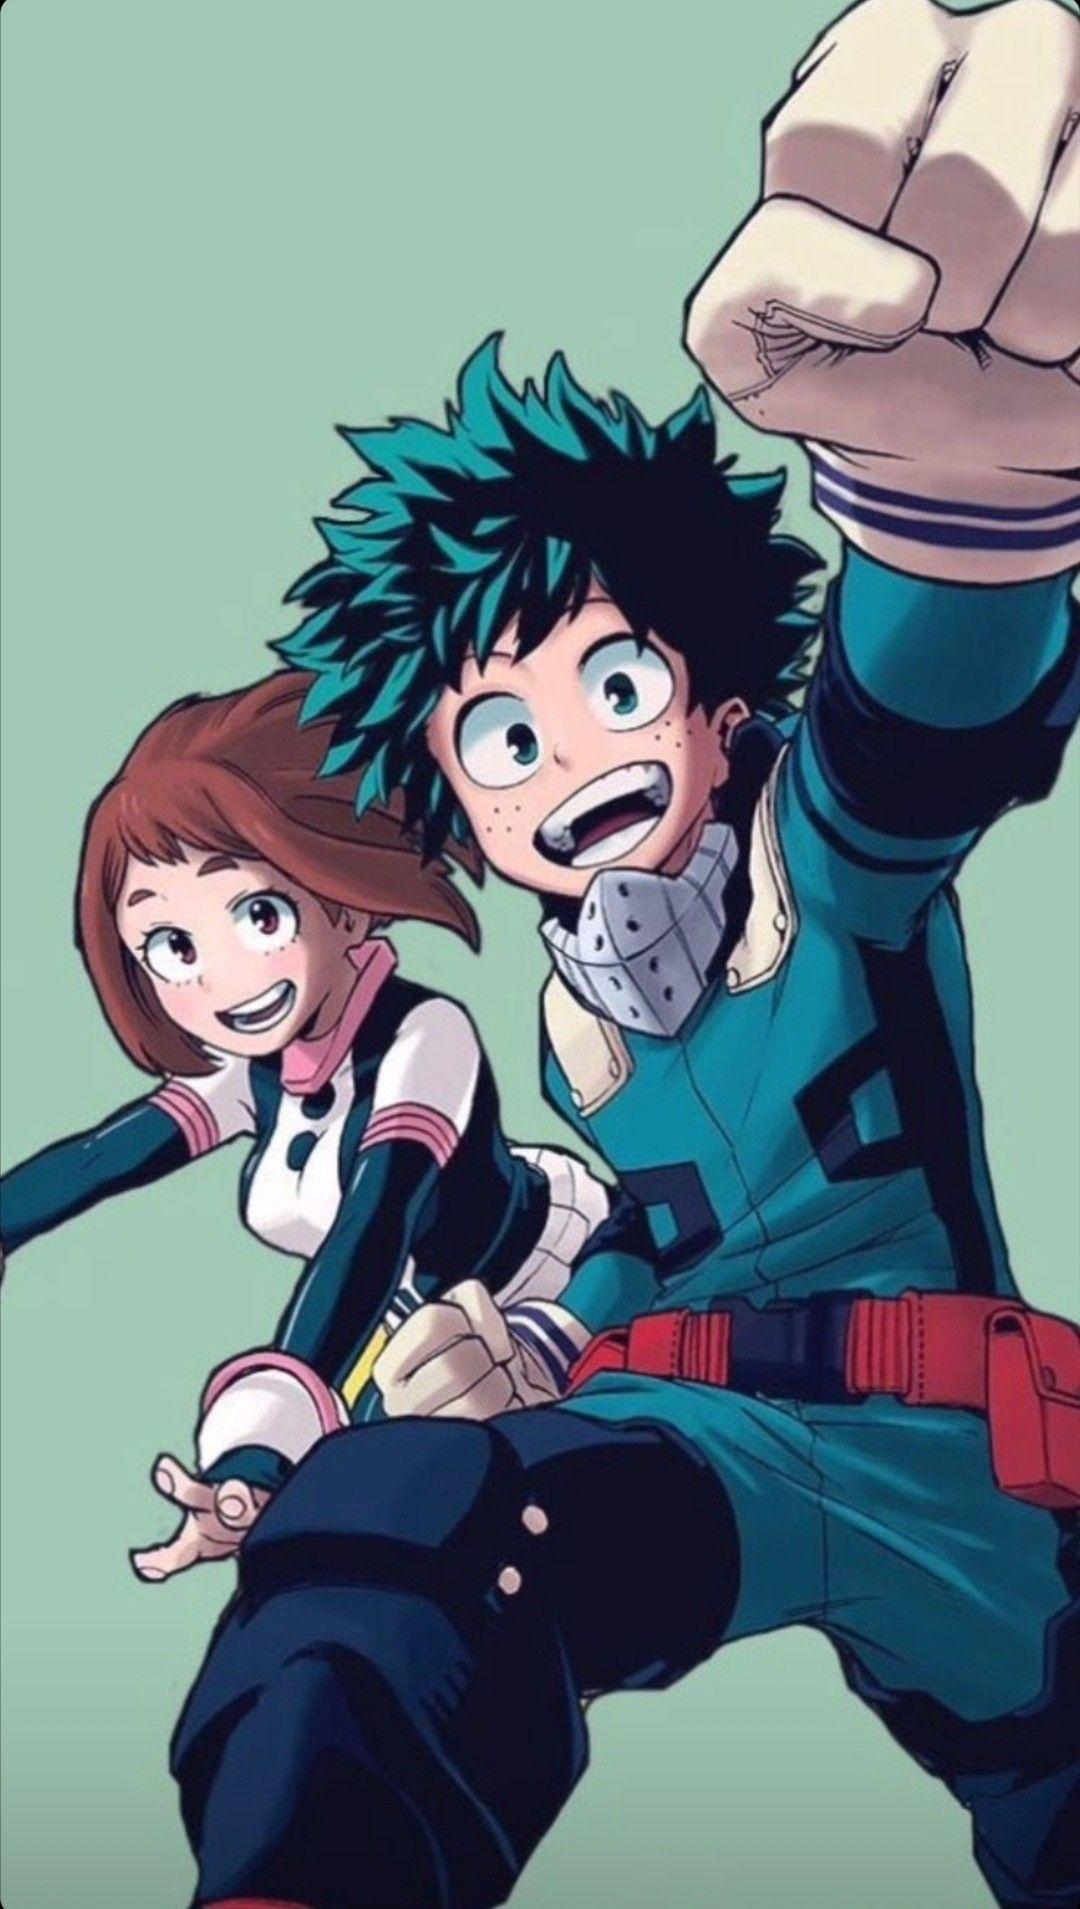 Uraraka Deku My Hero Hero My Hero Academia Episodes